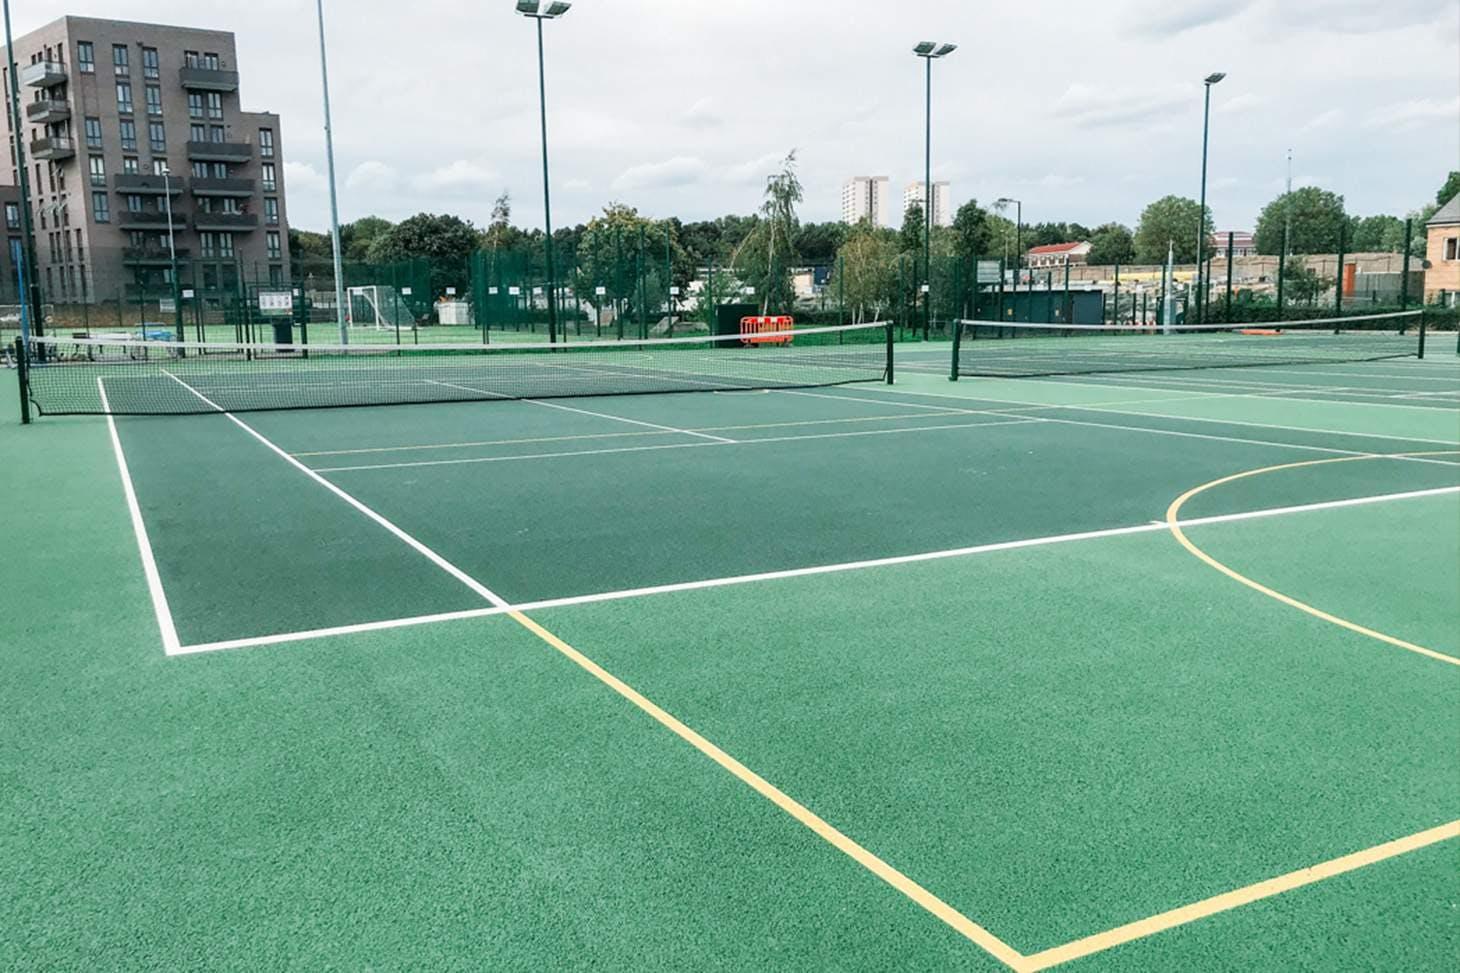 St Paul's Way Trust School Court   Hard (macadam) tennis court